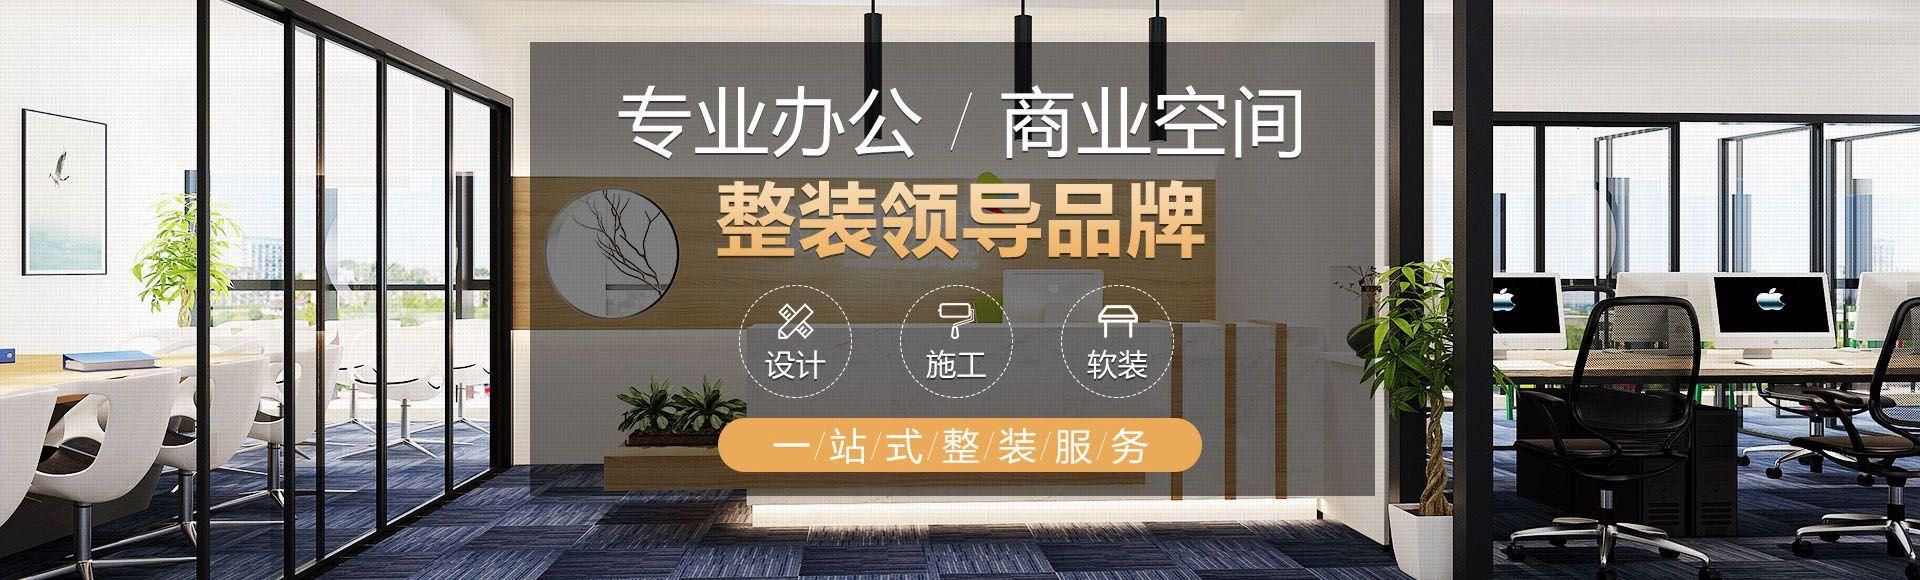 广州办公室亚博体育app苹果下载地址